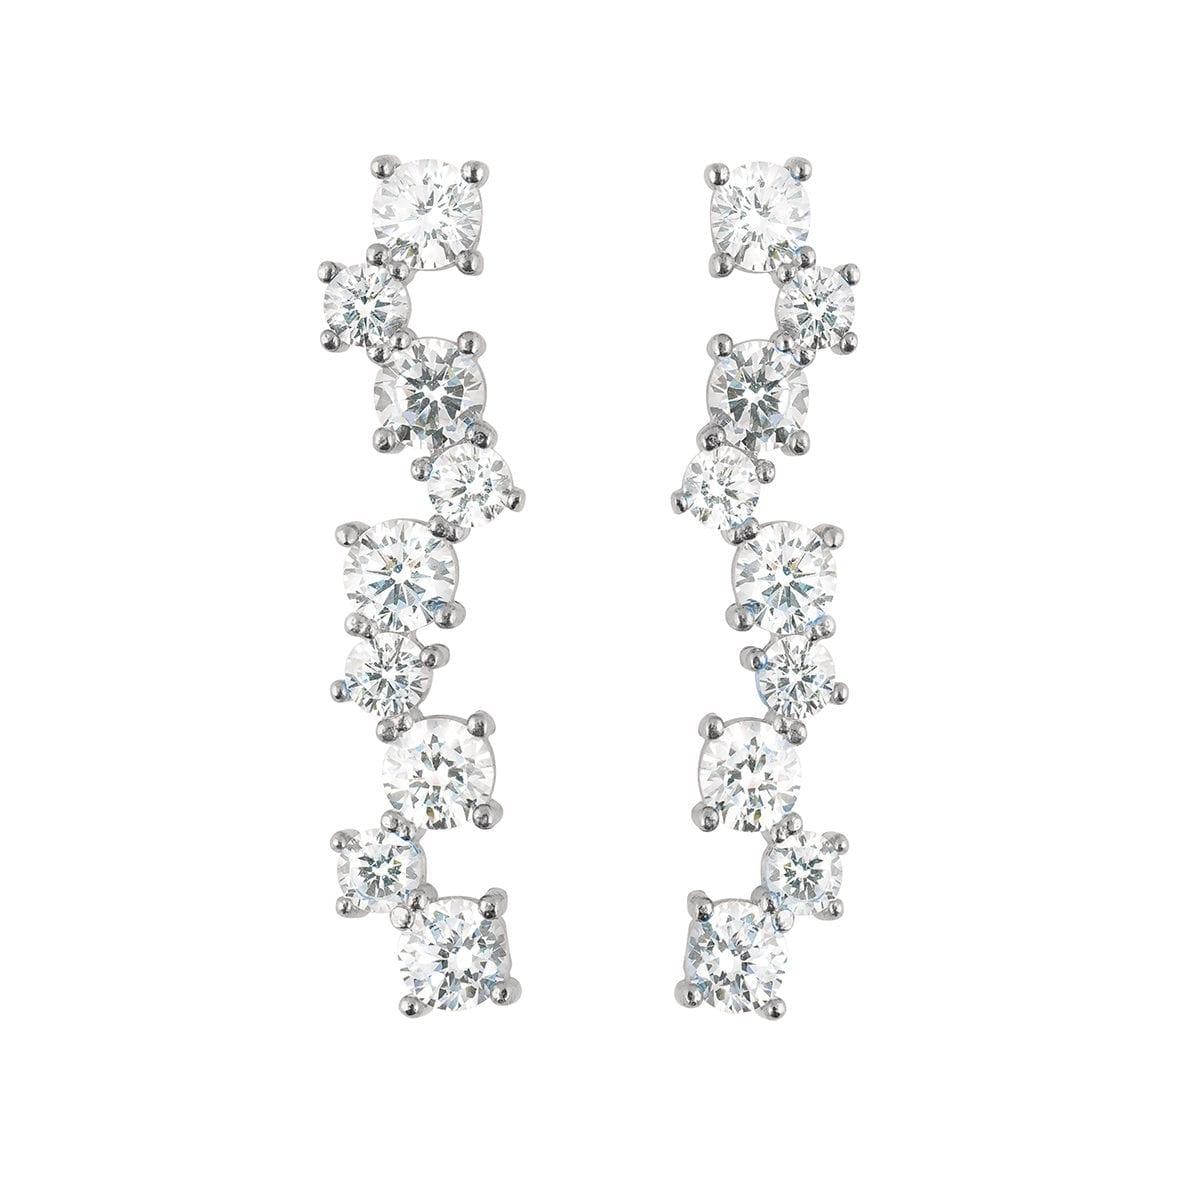 gatsby-long-earrings-silver